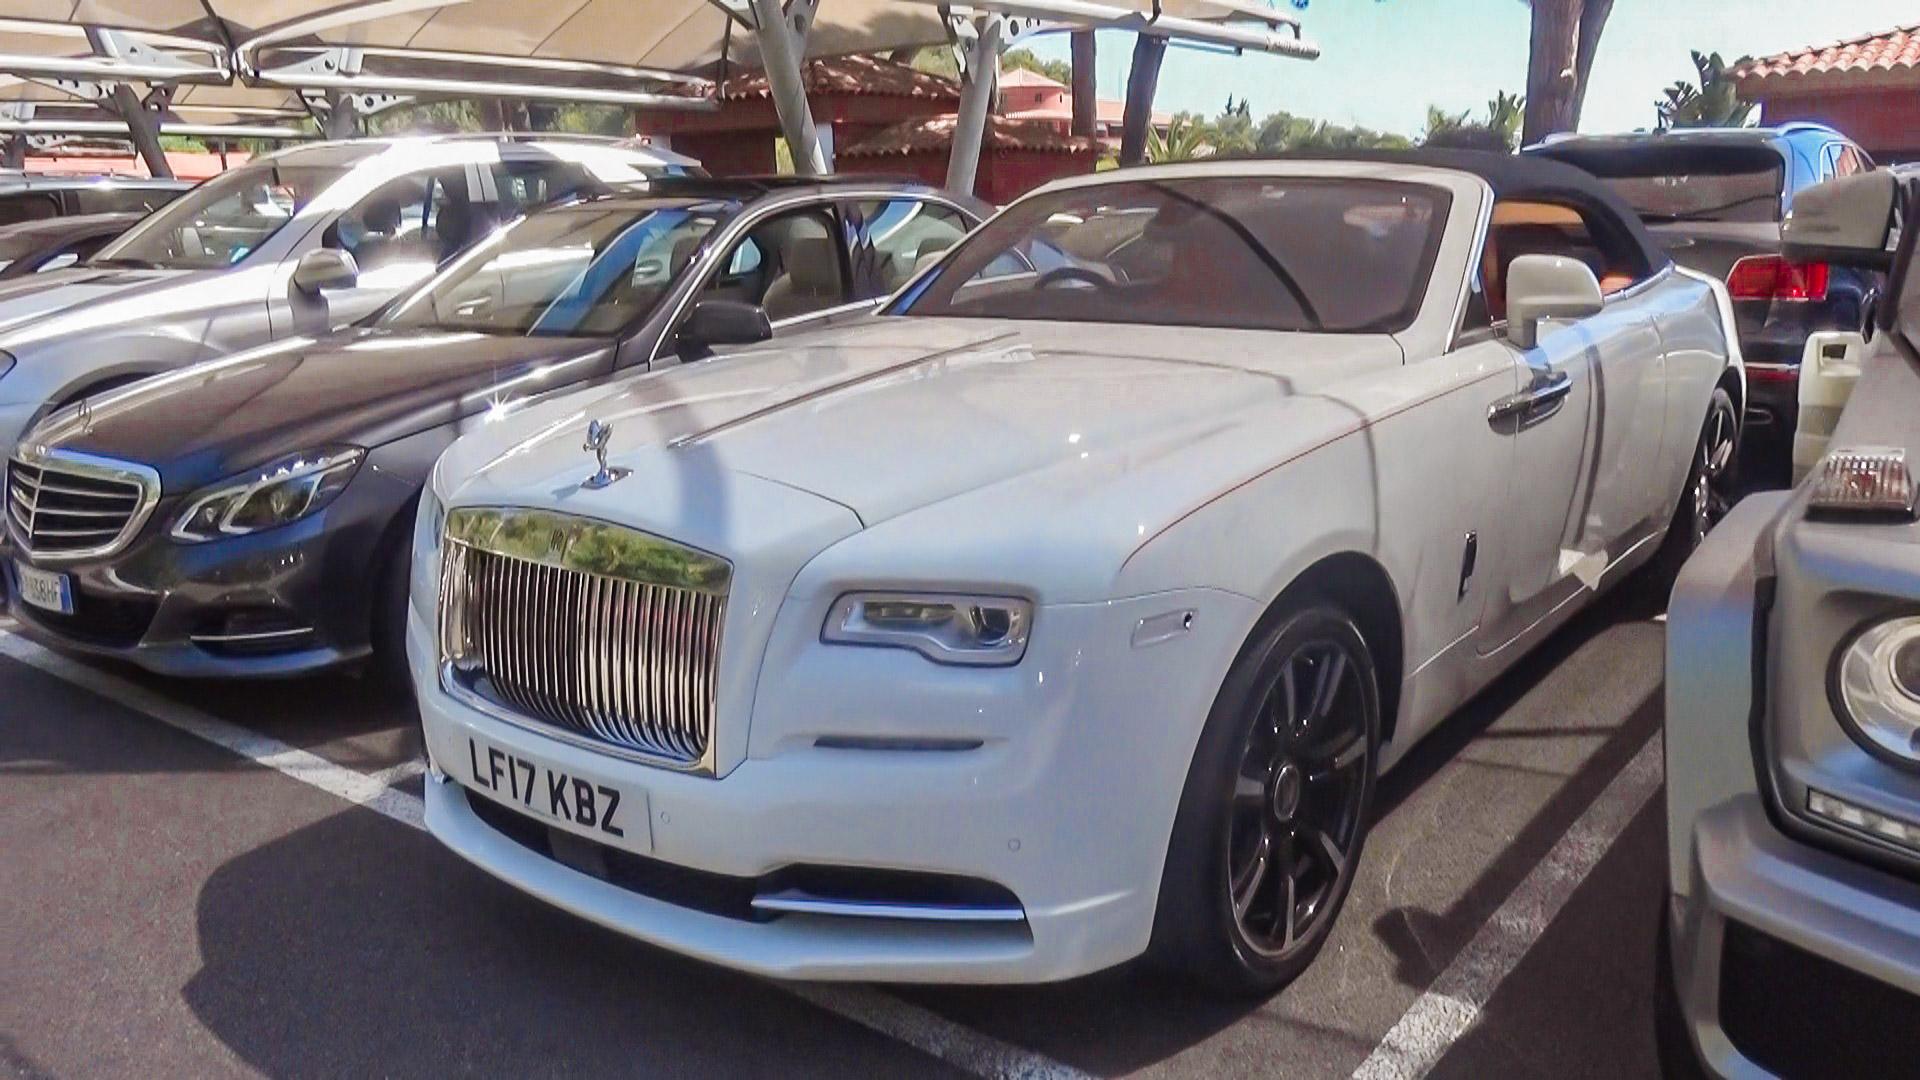 Rolls Royce Dawn - LF17-KBZ (GB)